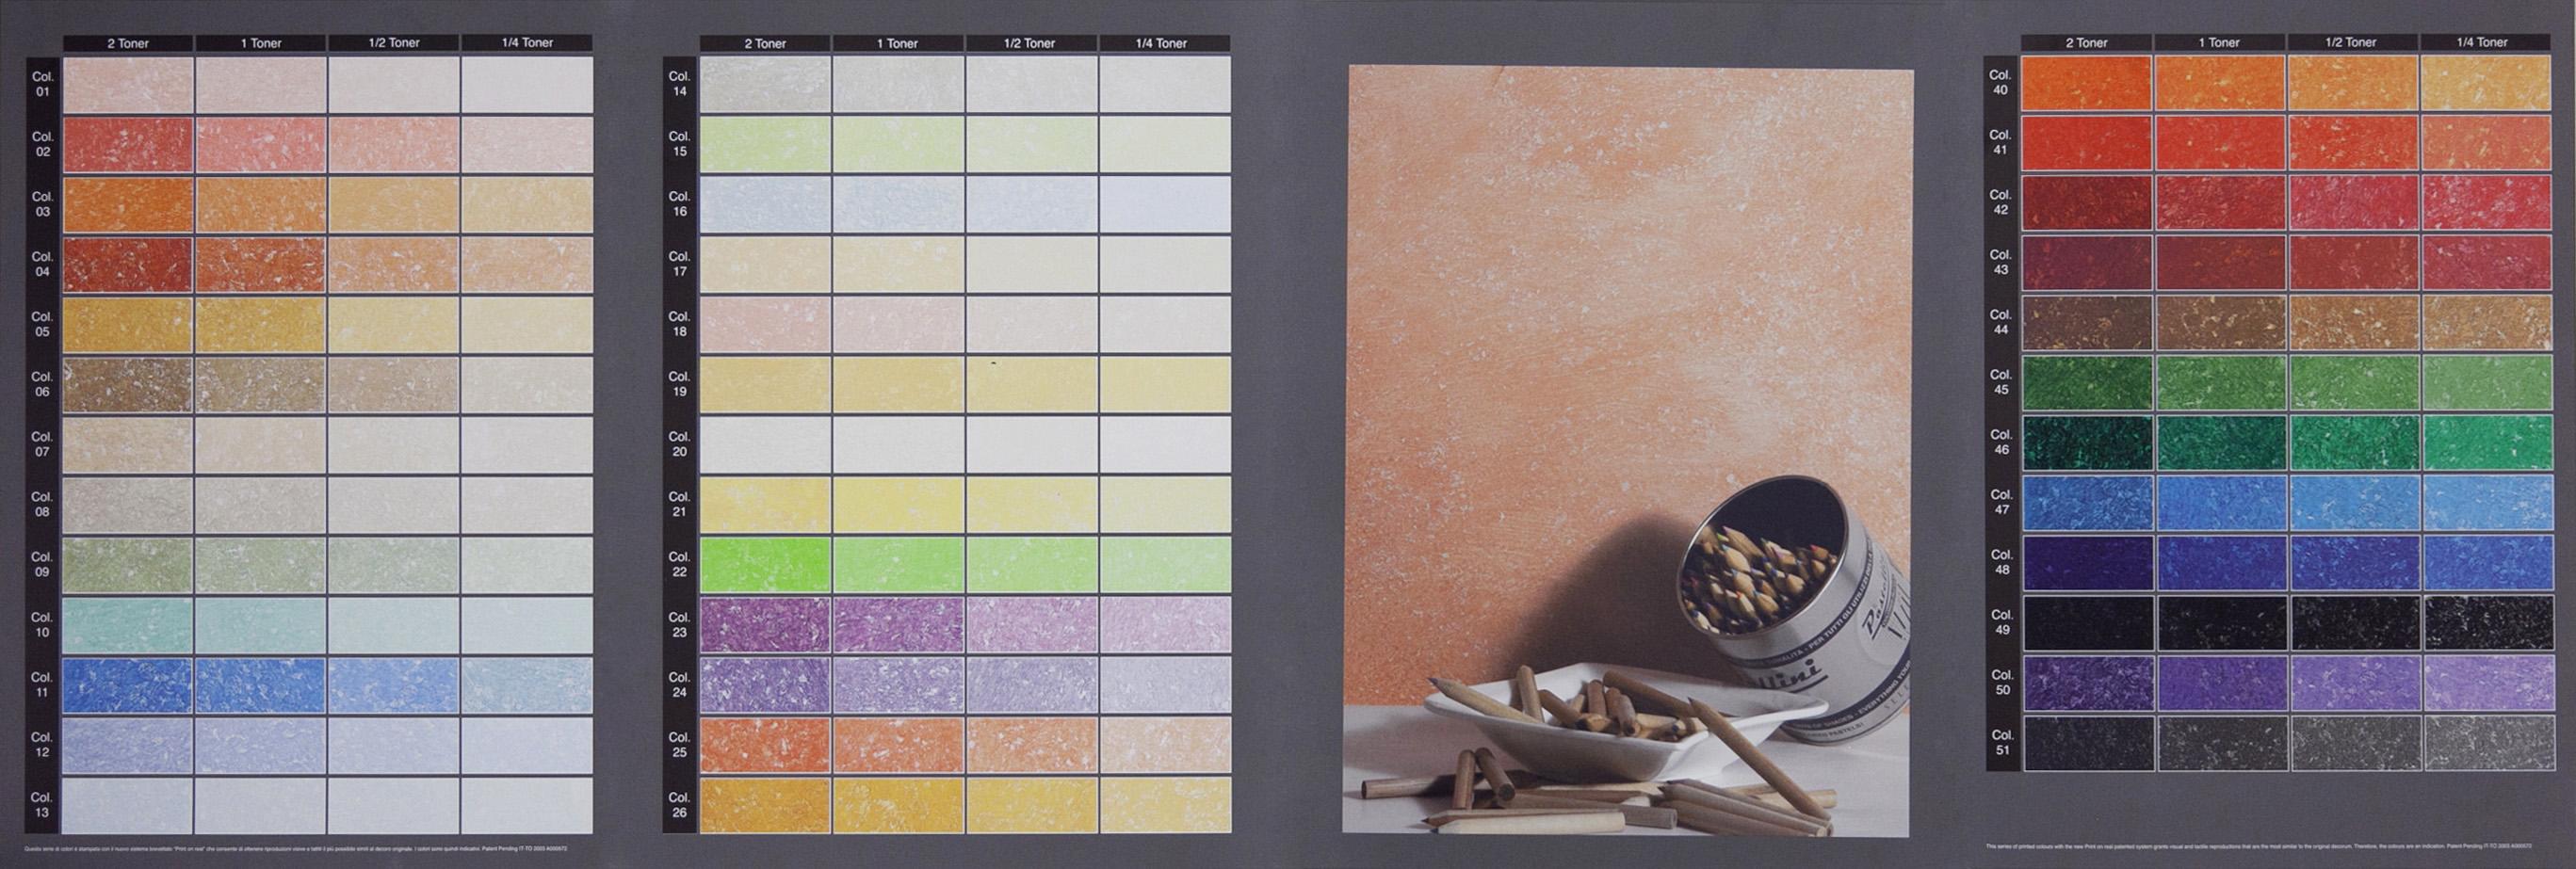 Mobili lavelli terre fiorentine classiche - Pitture decorative moderne ...